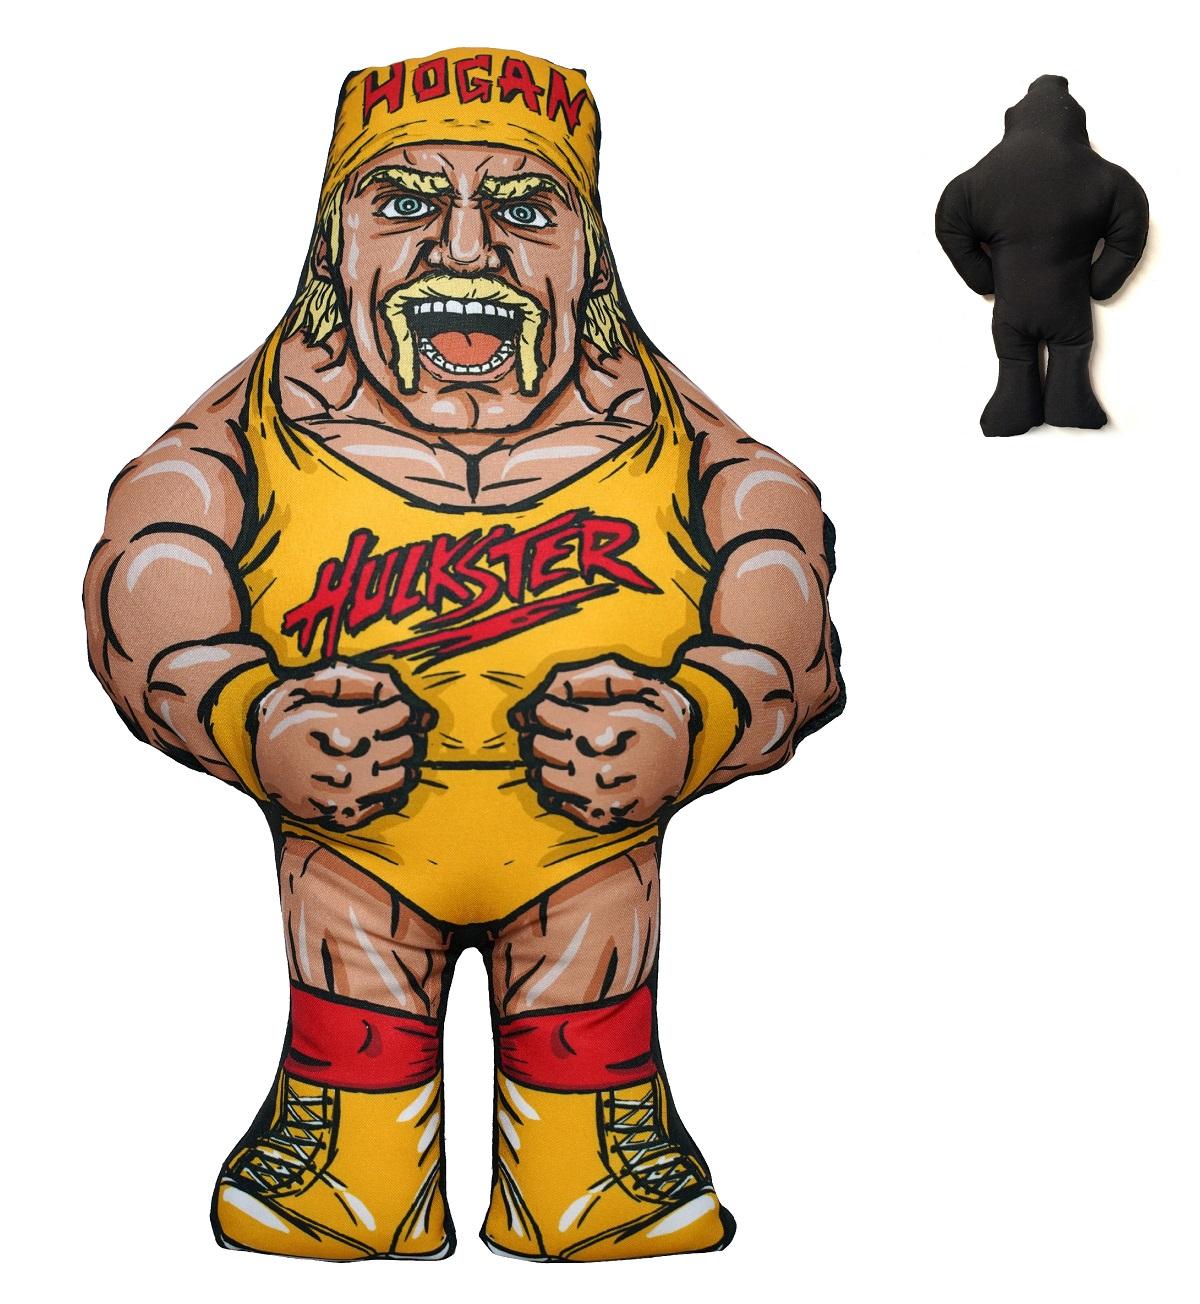 *PREORDER* I BEGNAMINI Cuscini da Collezione - Wrestling Superstars: HULK HOGAN (stampa solo Fronte)